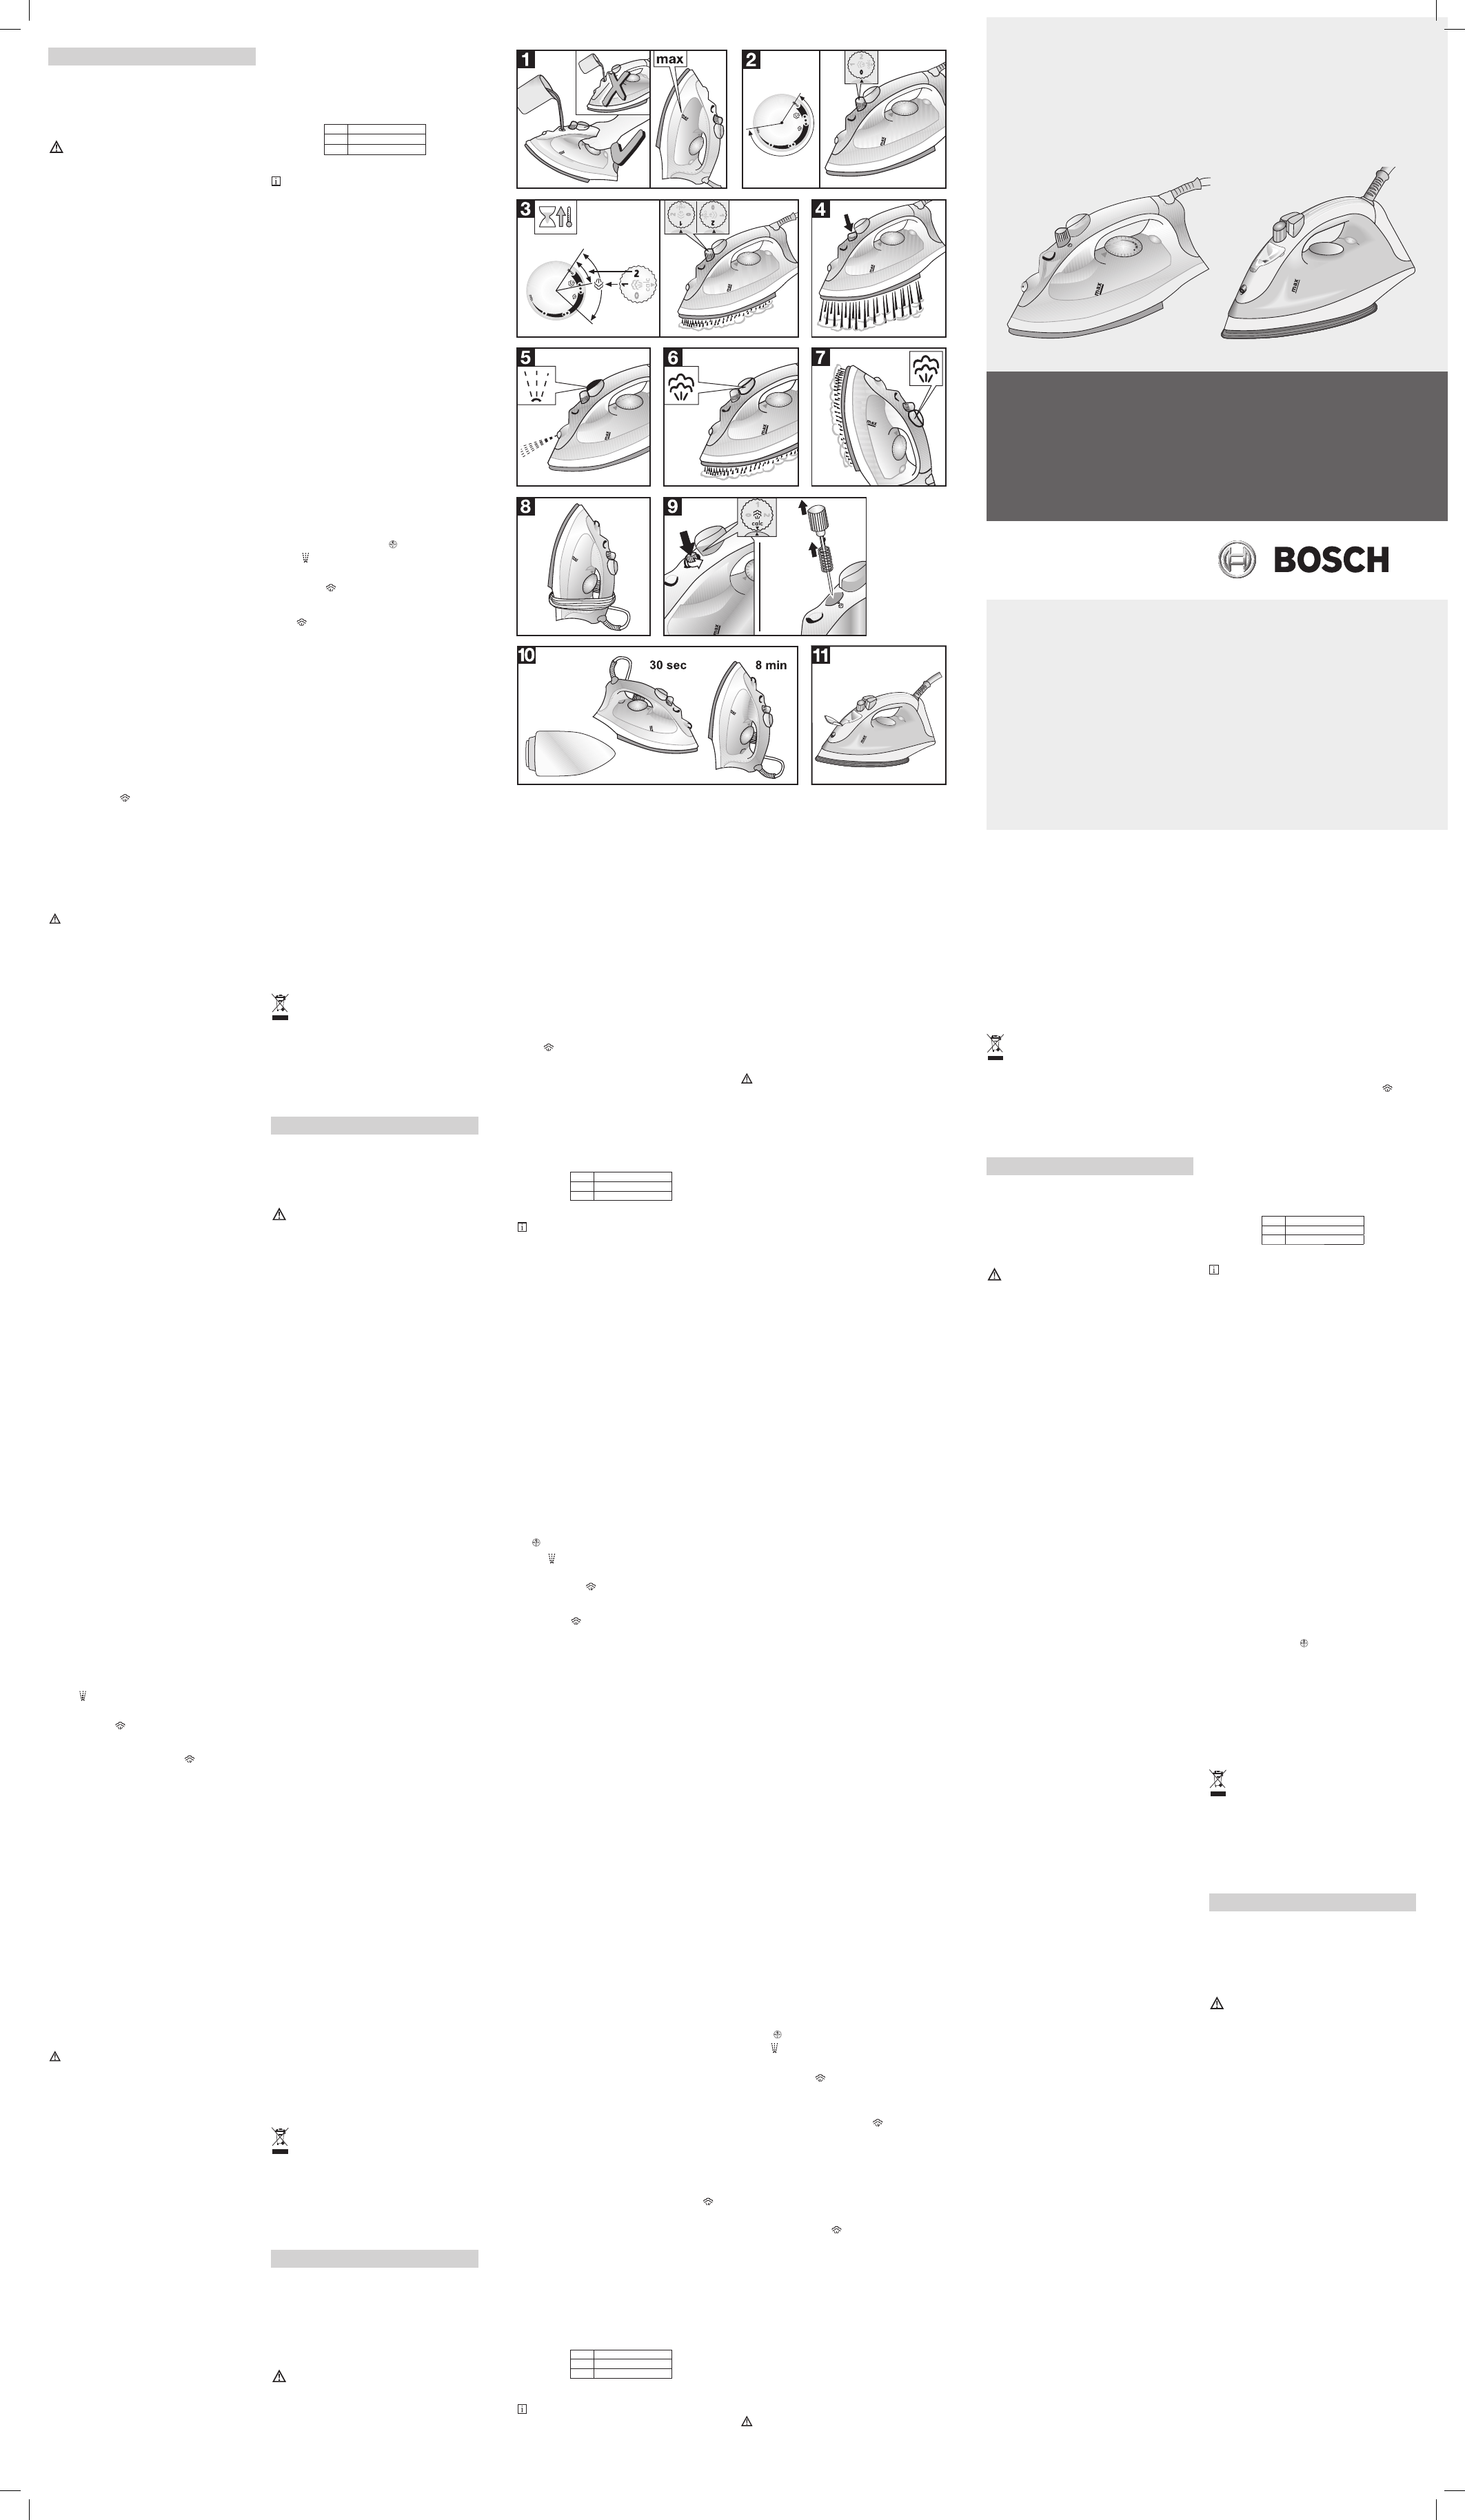 bedienungsanleitung bosch tda 2329 seite 1 von 2 deutsch englisch spanisch franz sisch. Black Bedroom Furniture Sets. Home Design Ideas